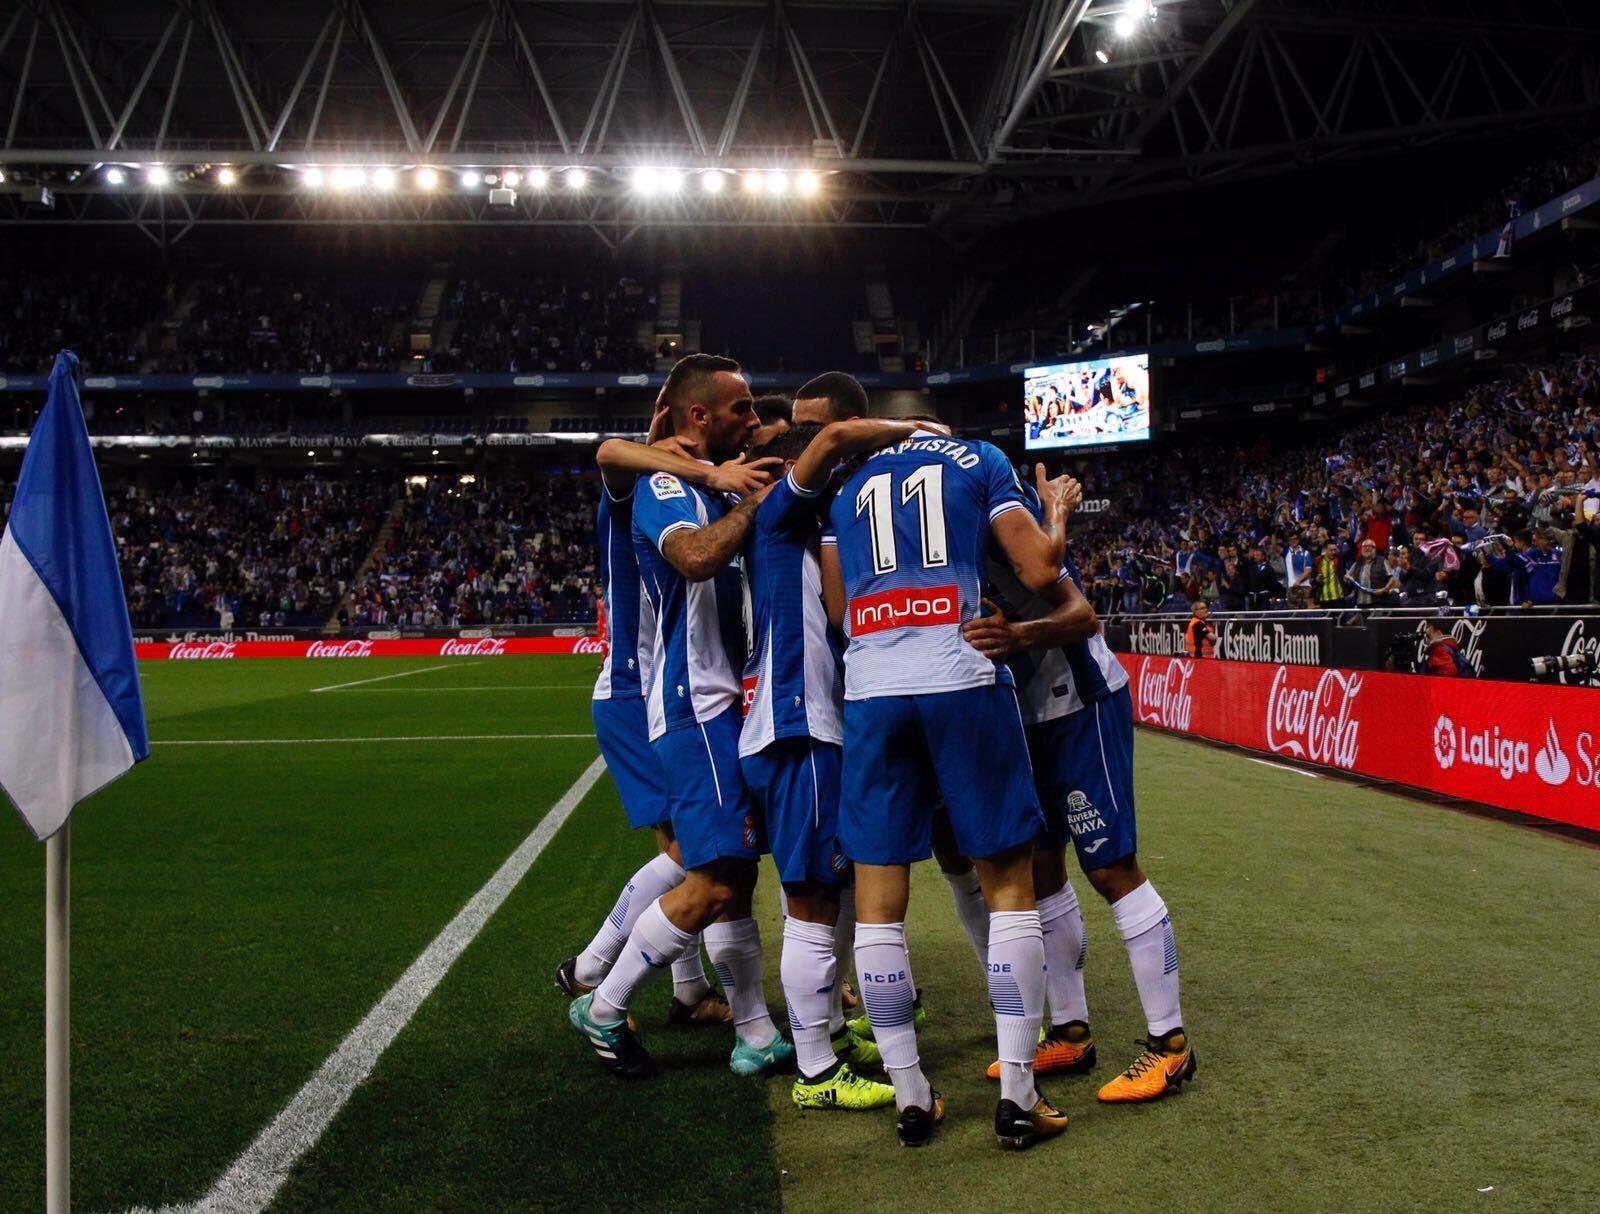 Celebració gol Espanyol RCDE Stadium   RCDE